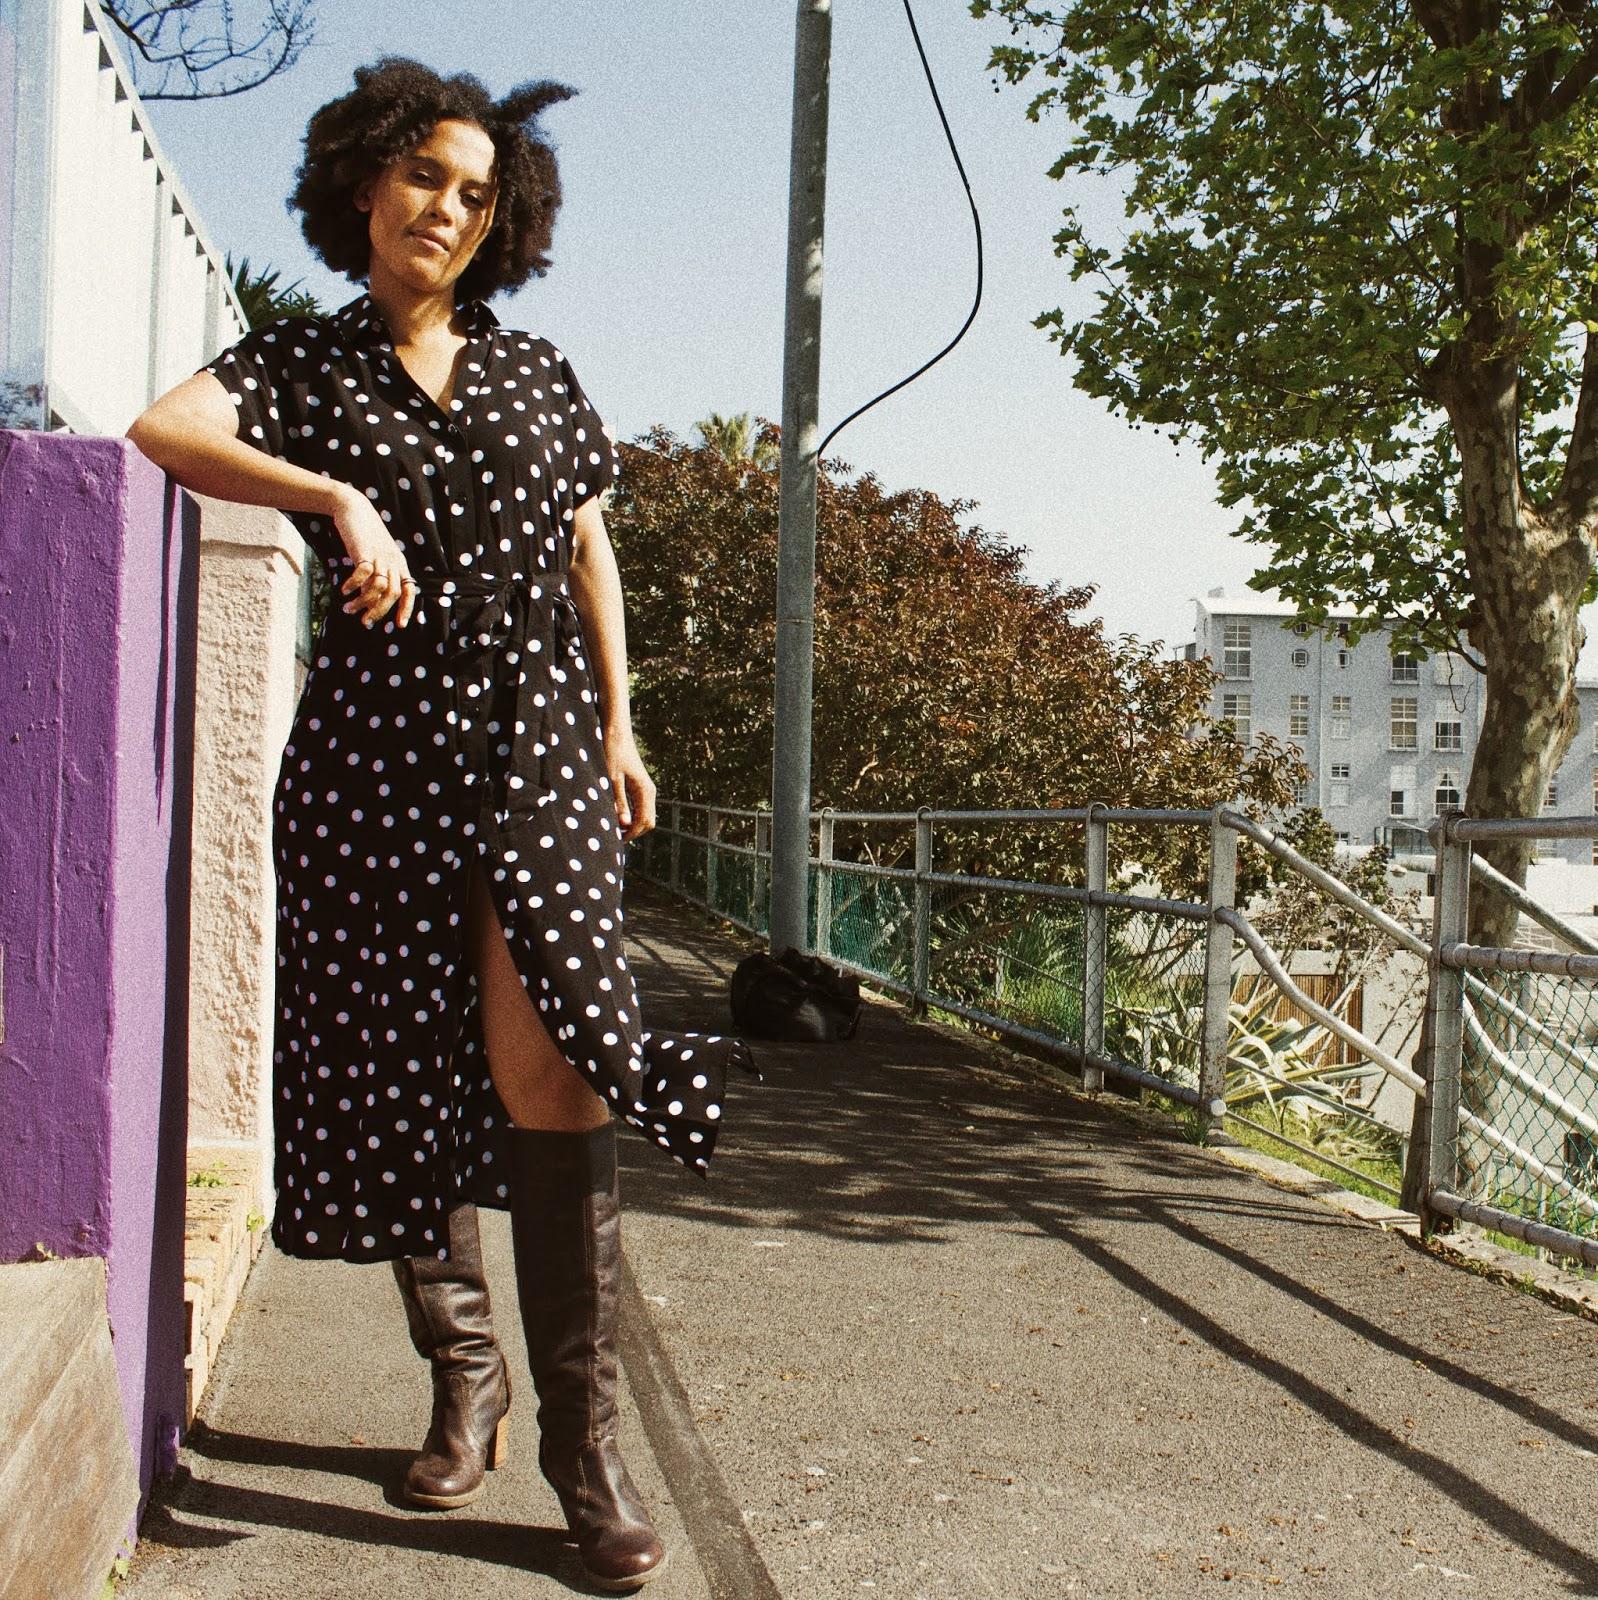 Liezel-Esquire-polka-dot-dress